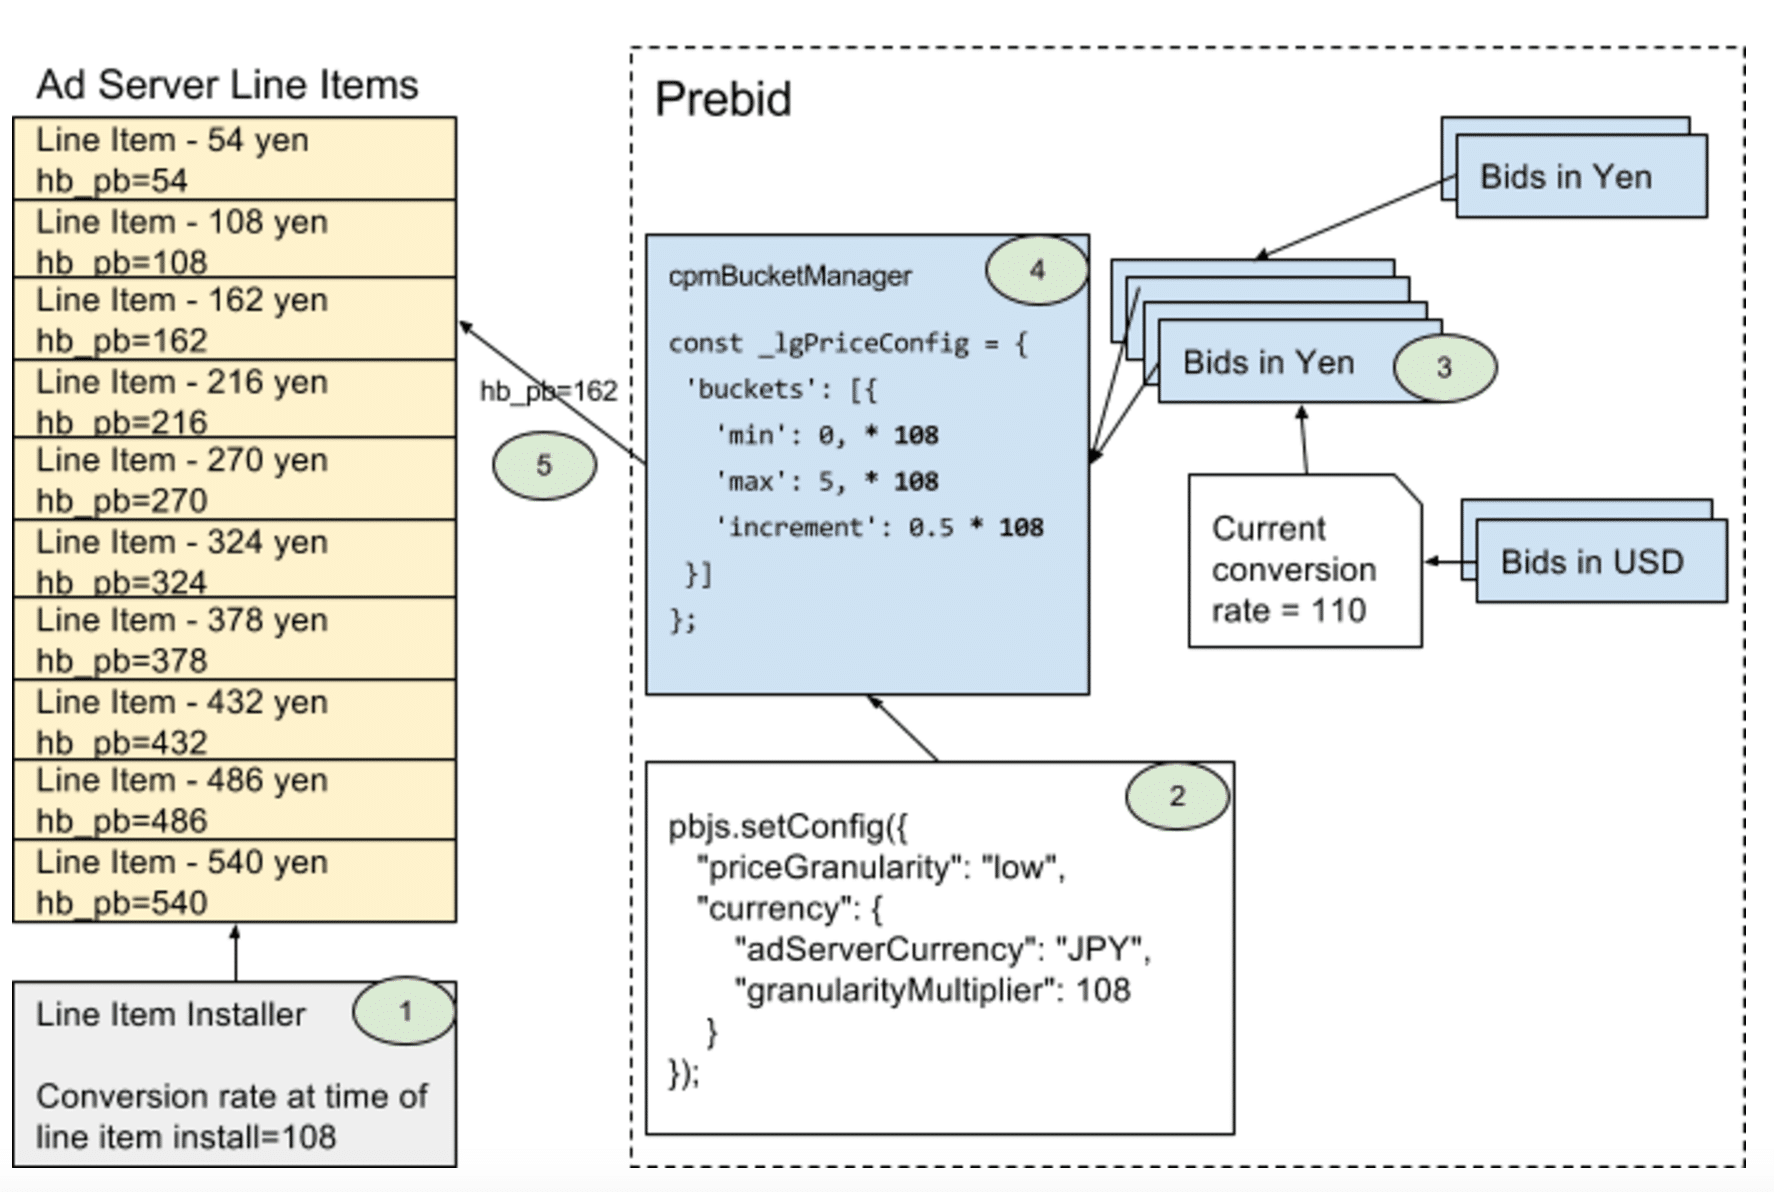 Workflow of Currency module in Prebid